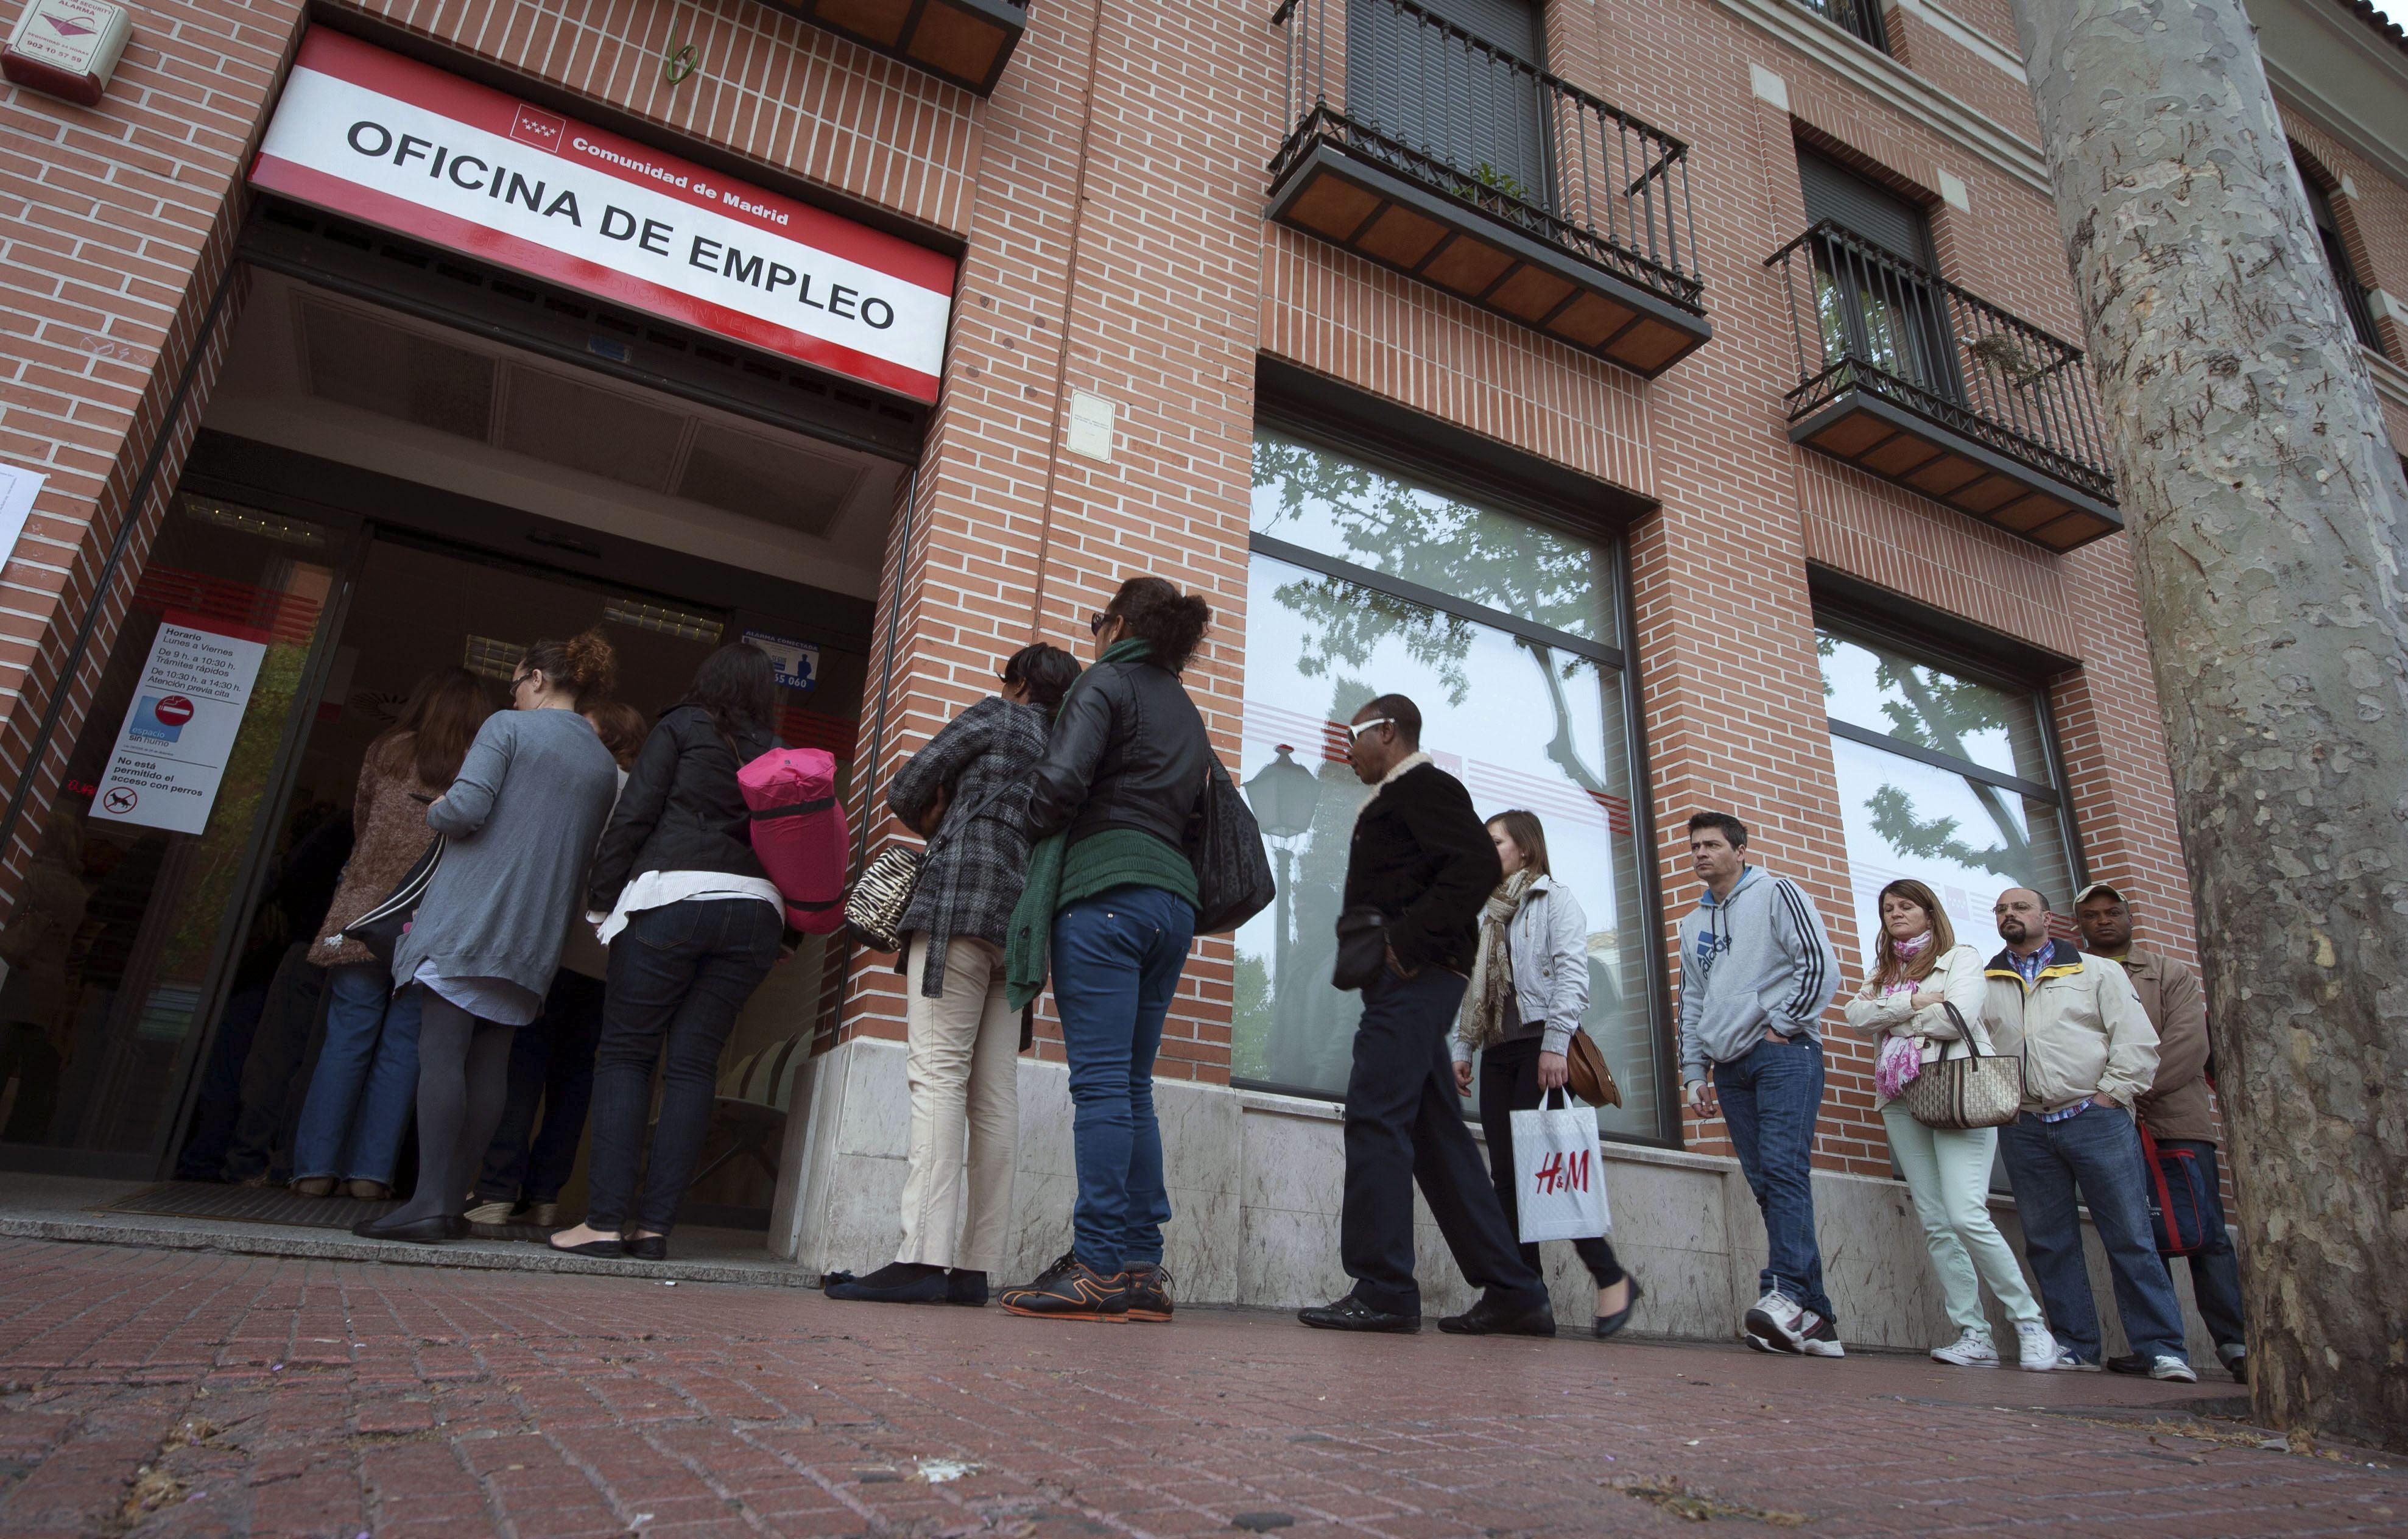 Los españoles pierden confianza en la UE y le piden dar prioridad al empleo